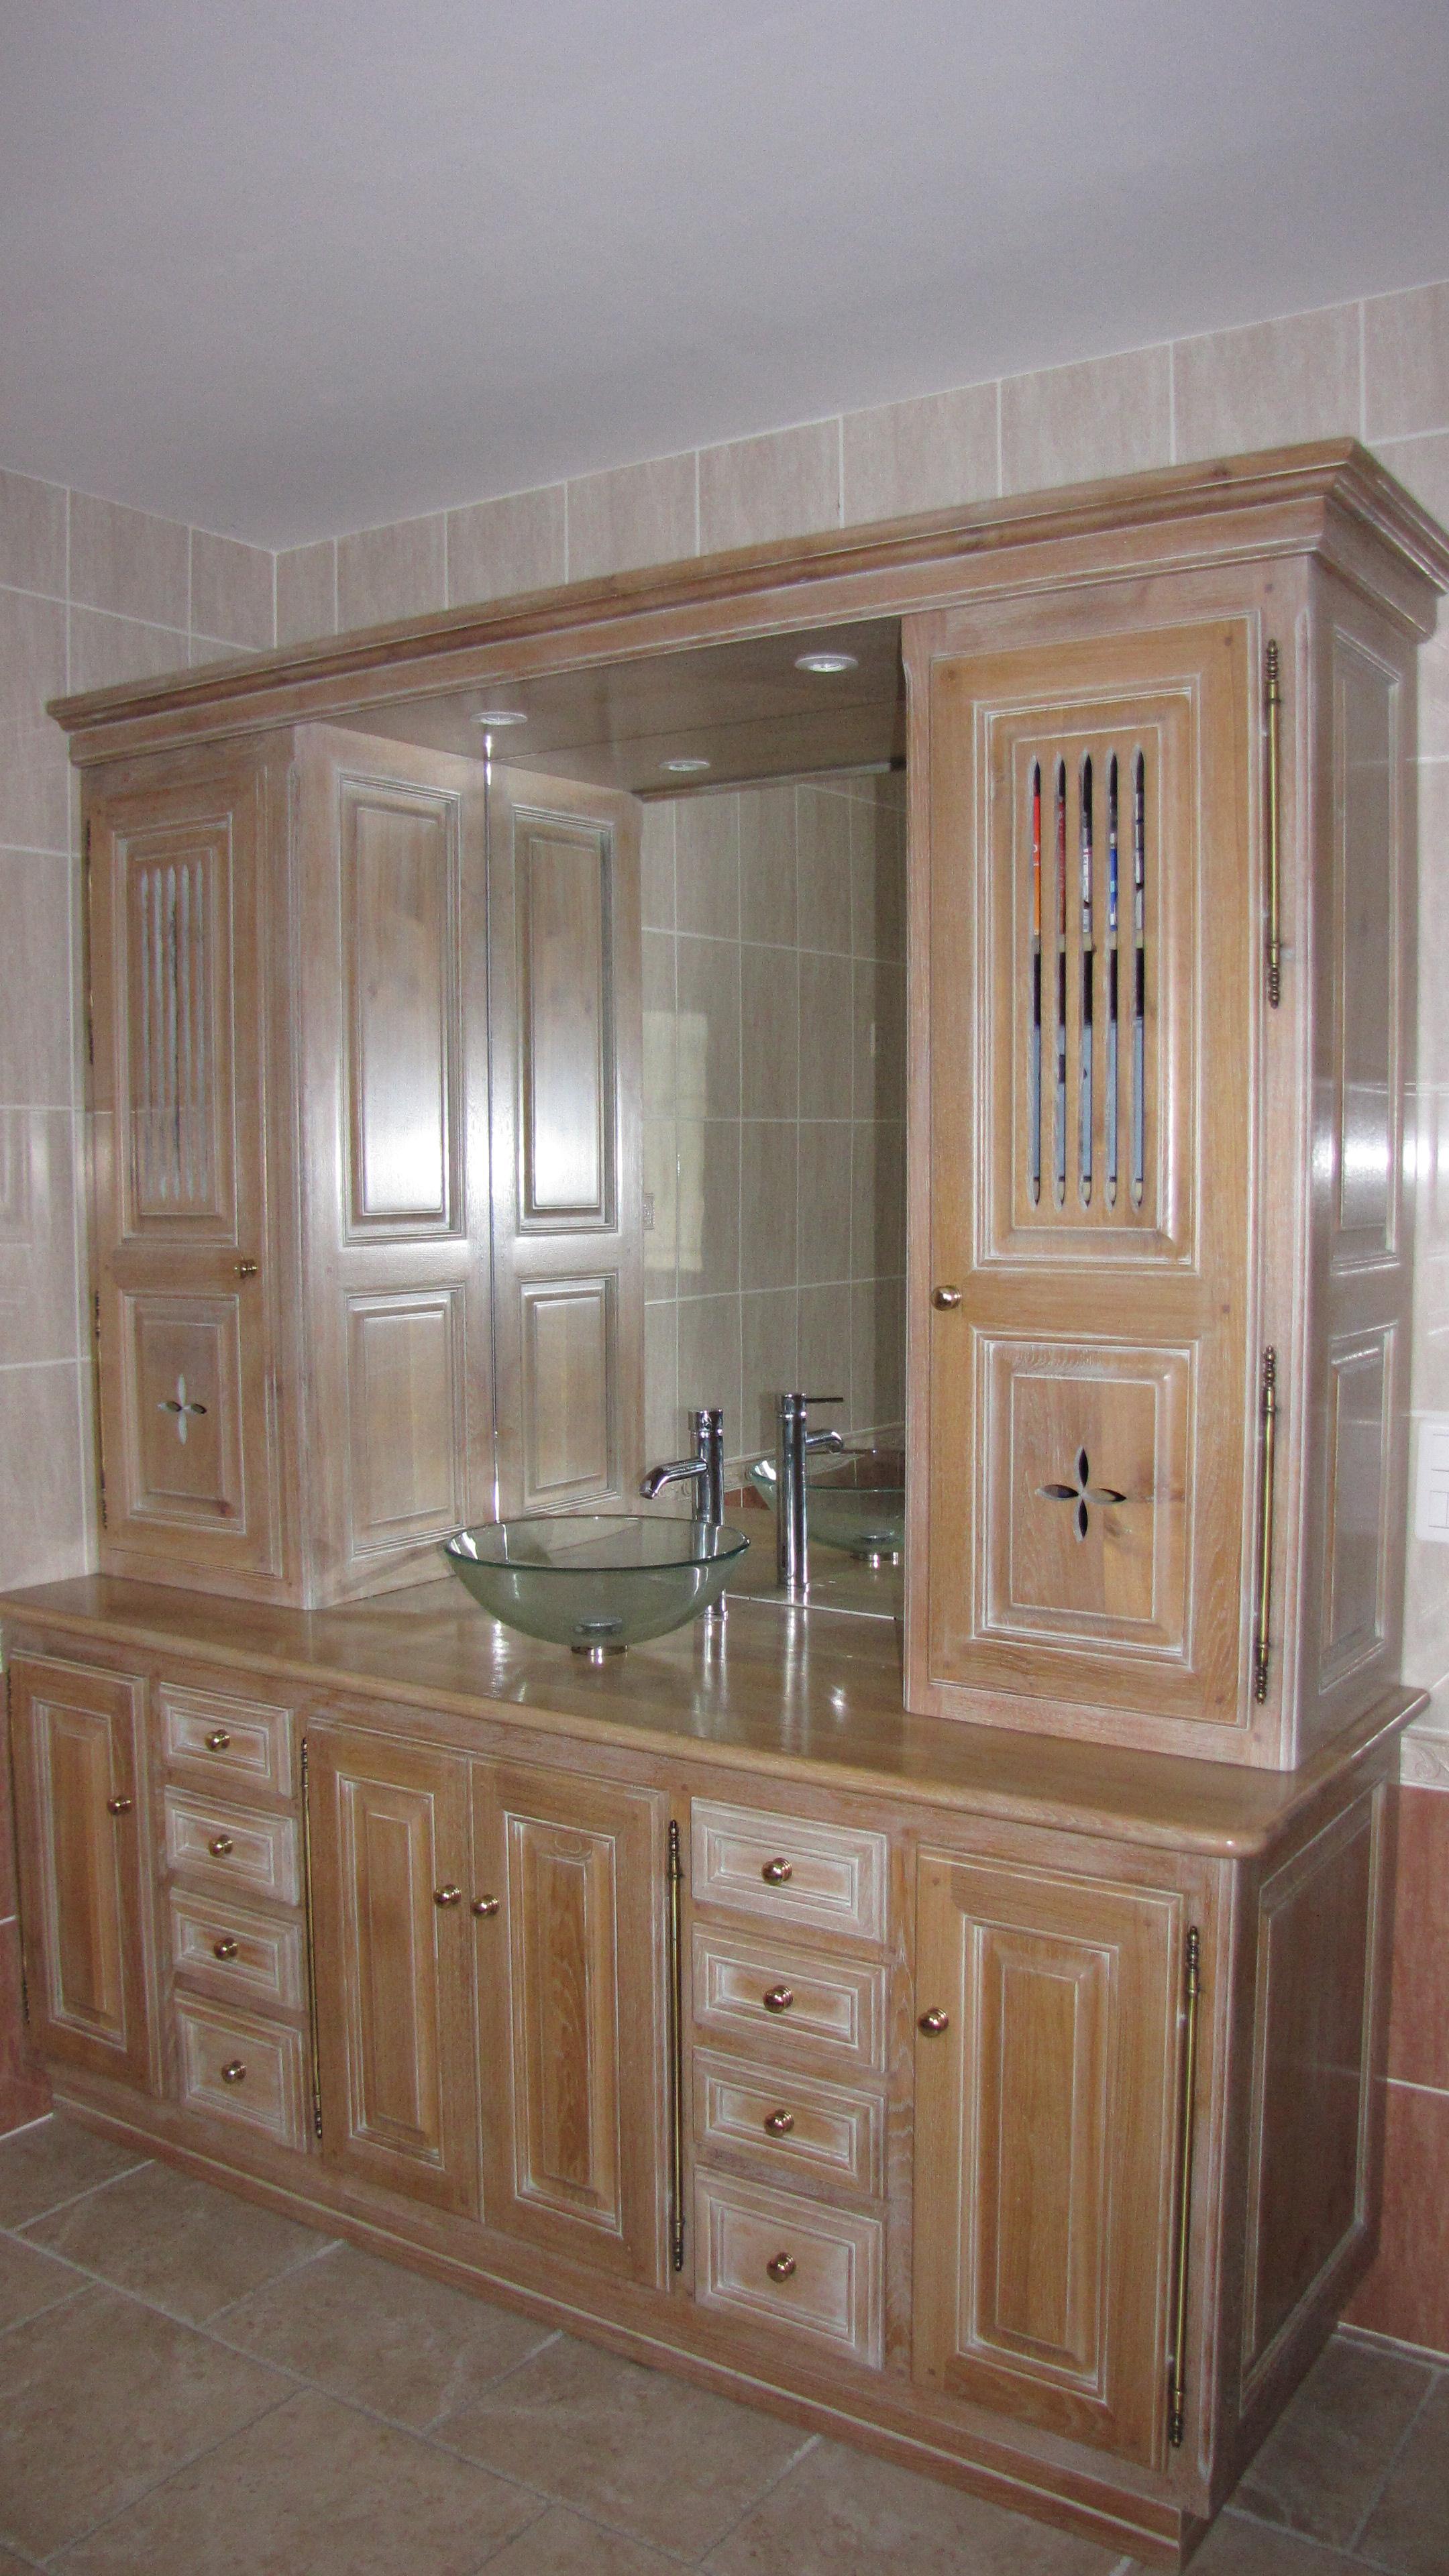 Cuisines en bois meubles salles de bains ma tre for Artisan salle de bain